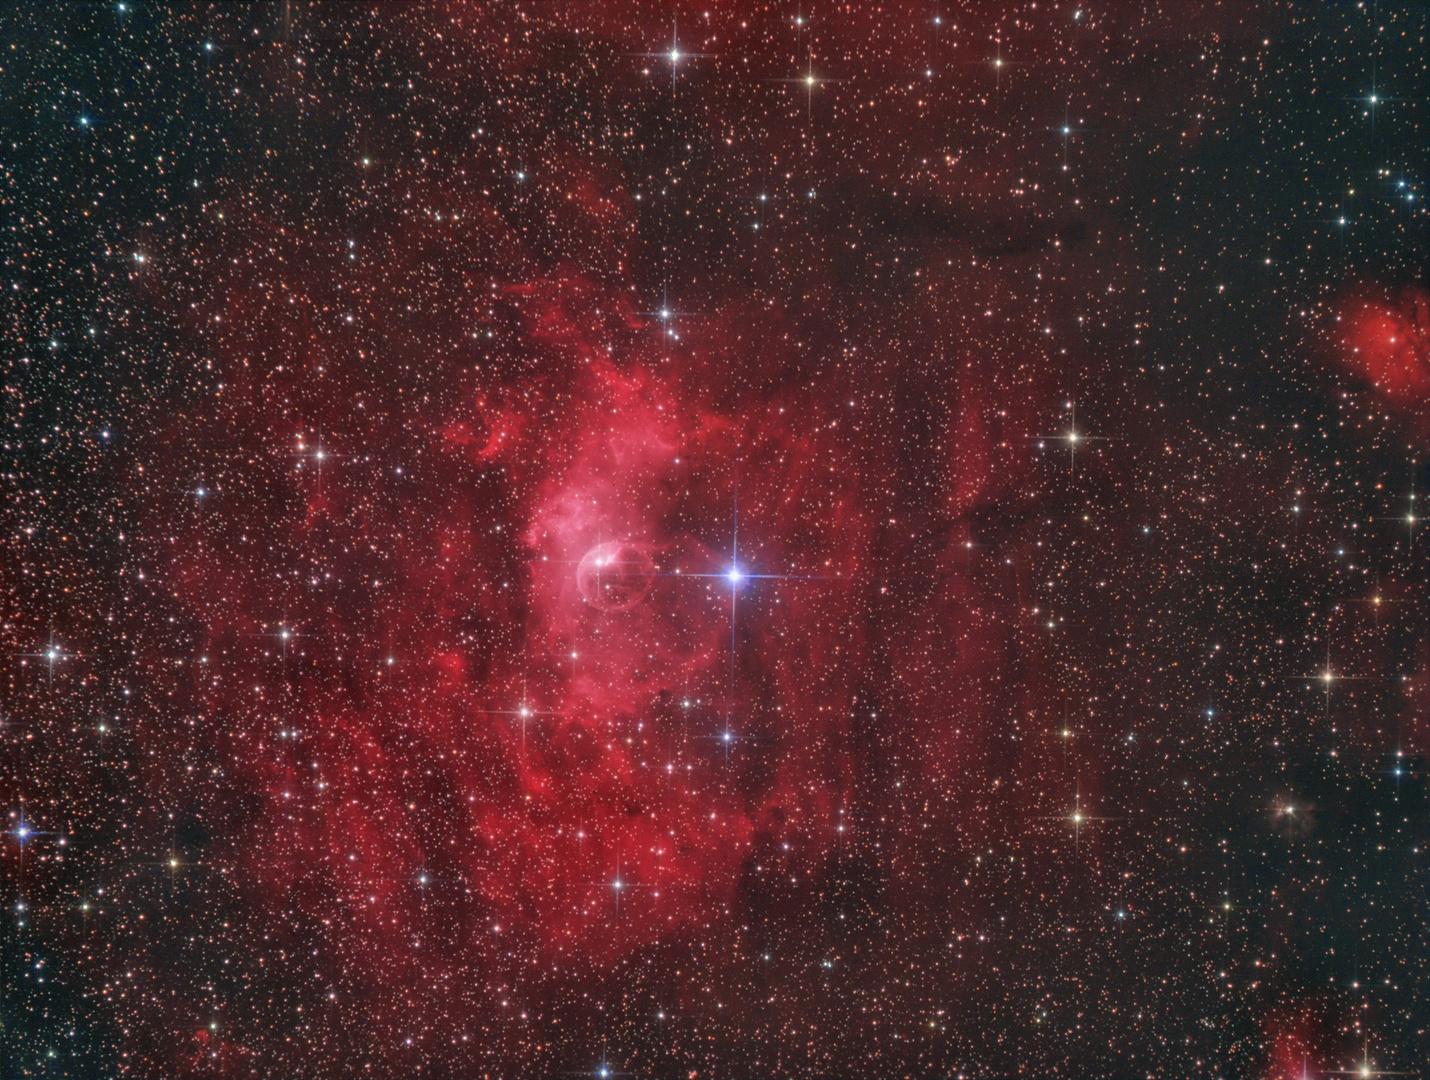 Der Bubble-Nebel im Sternbild Cassiopeia